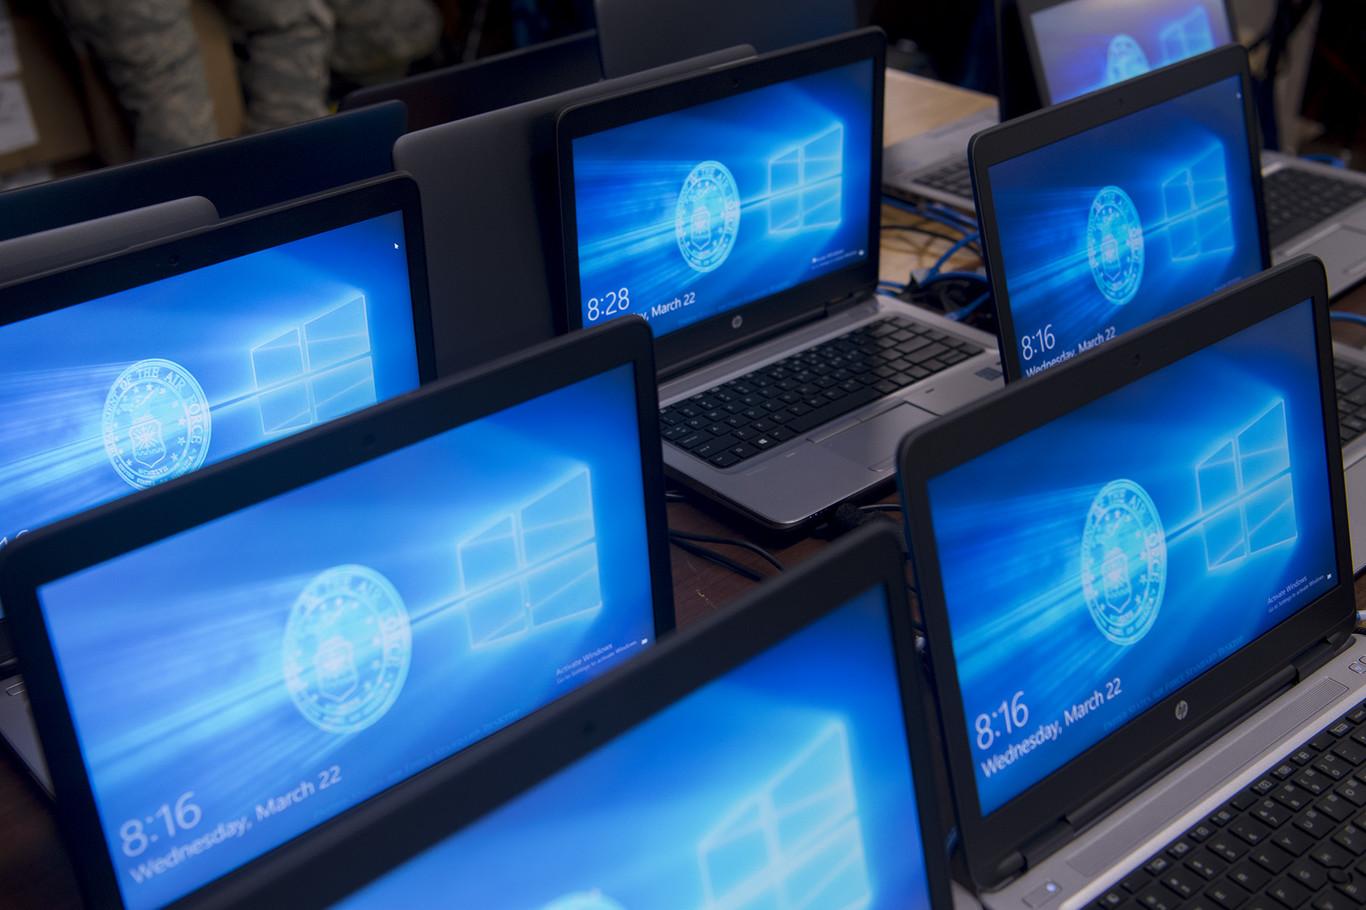 Microsoft lanza KDP, la tecnología que permitirá bloquear partes del núcleo de Windows 10 para evitar que un ataque lo modifique